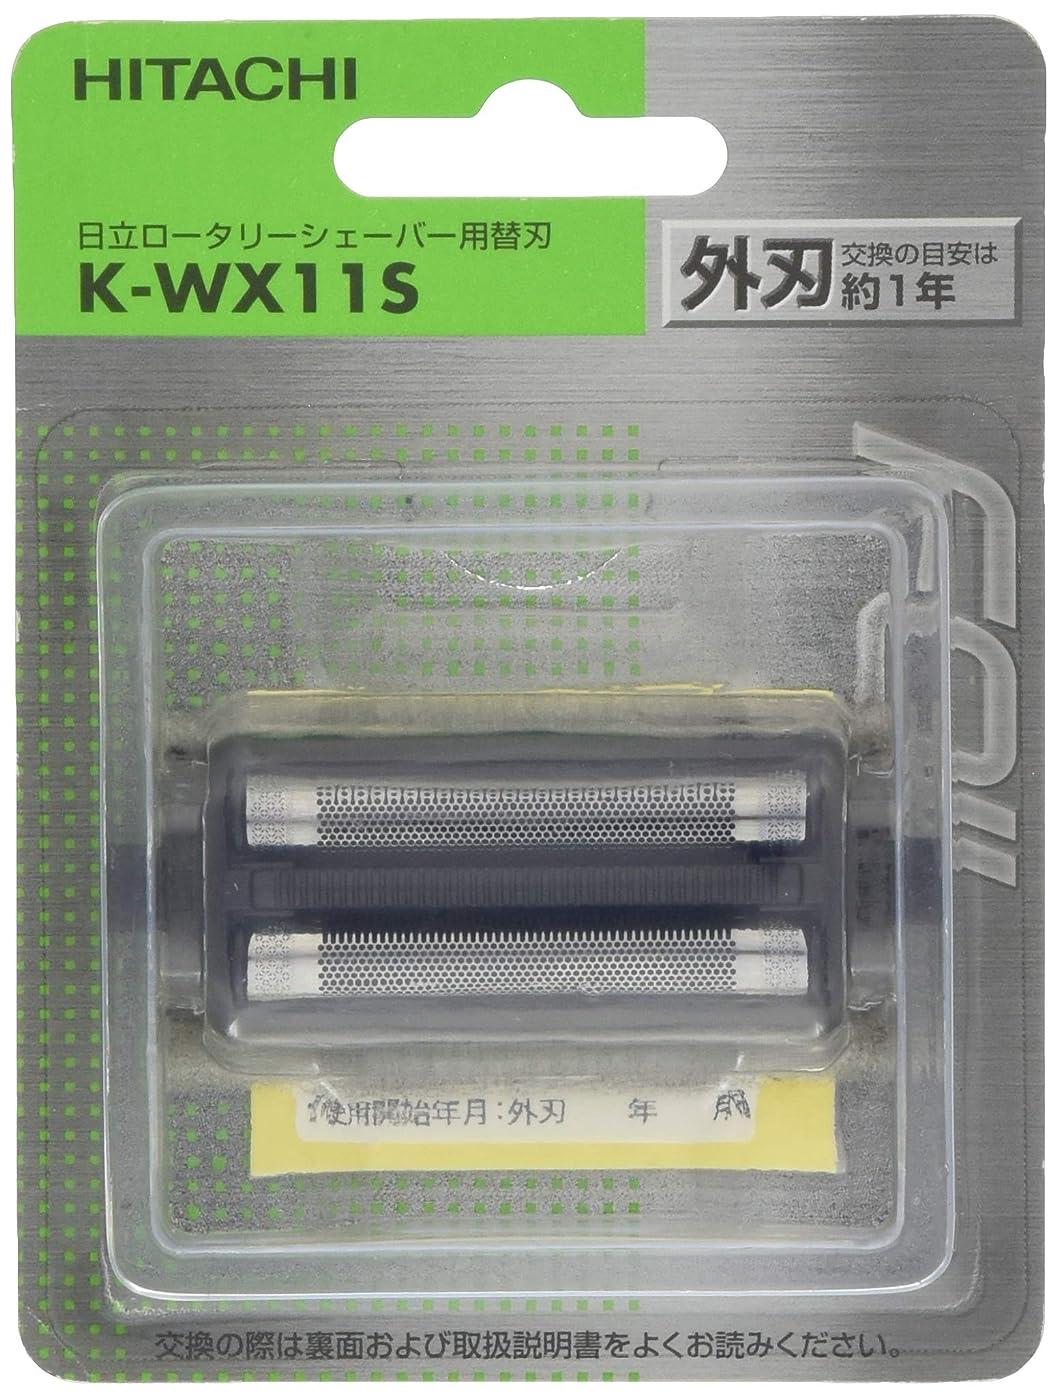 リベラルミシン不格好日立 替刃 外刃 K-WX11S